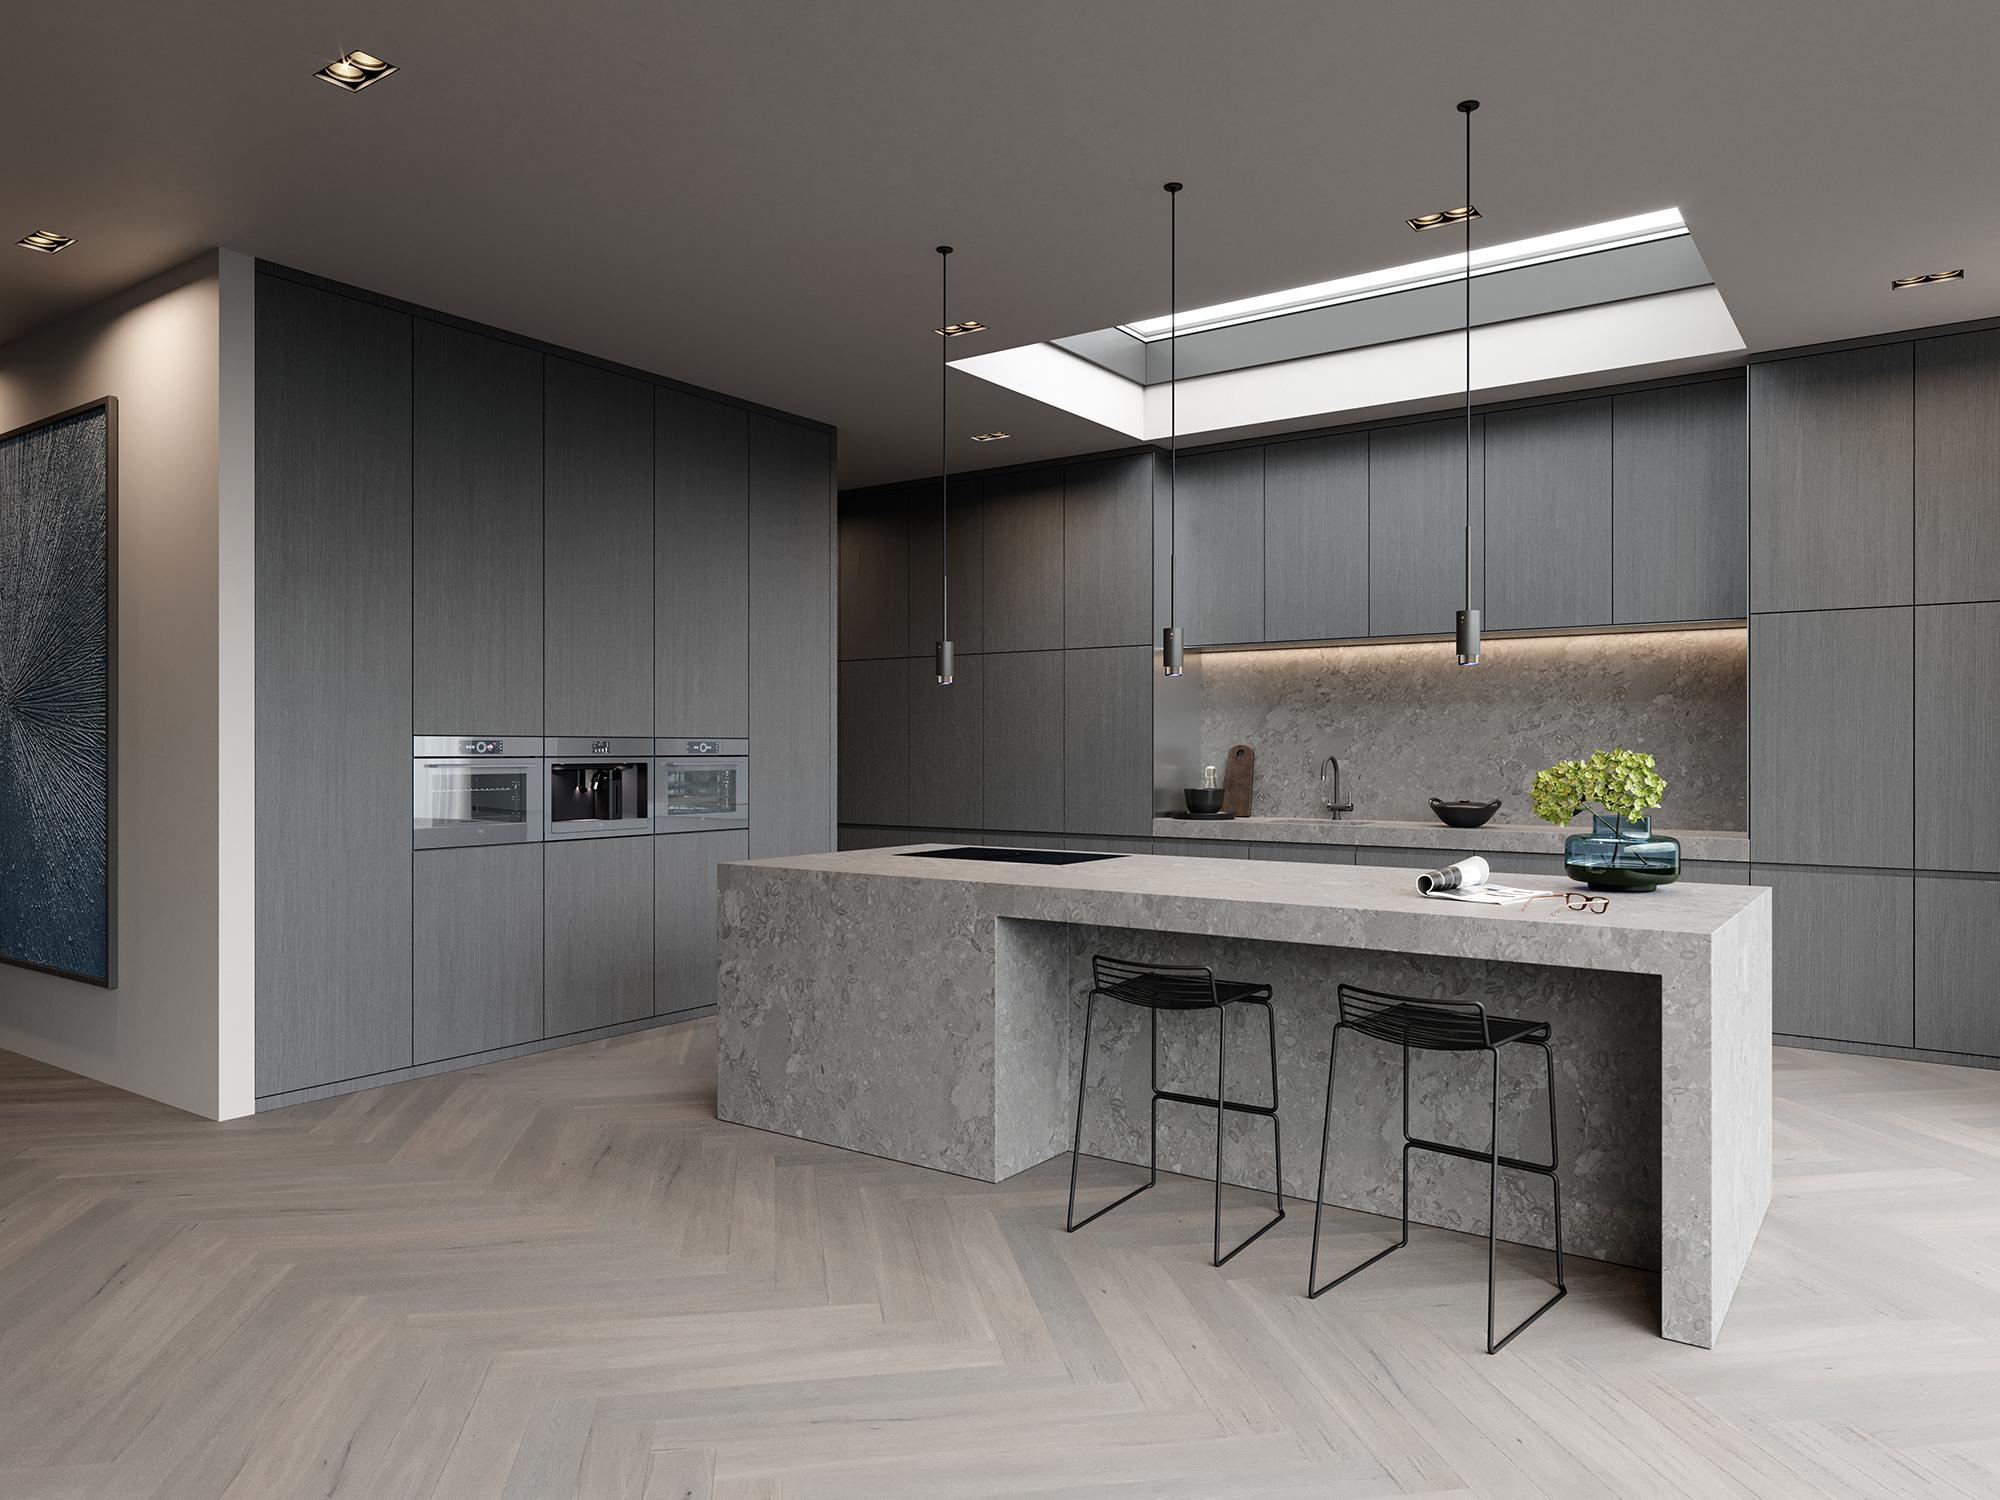 V-ZUG ovens #keuken #ovens #bakovens #vzug